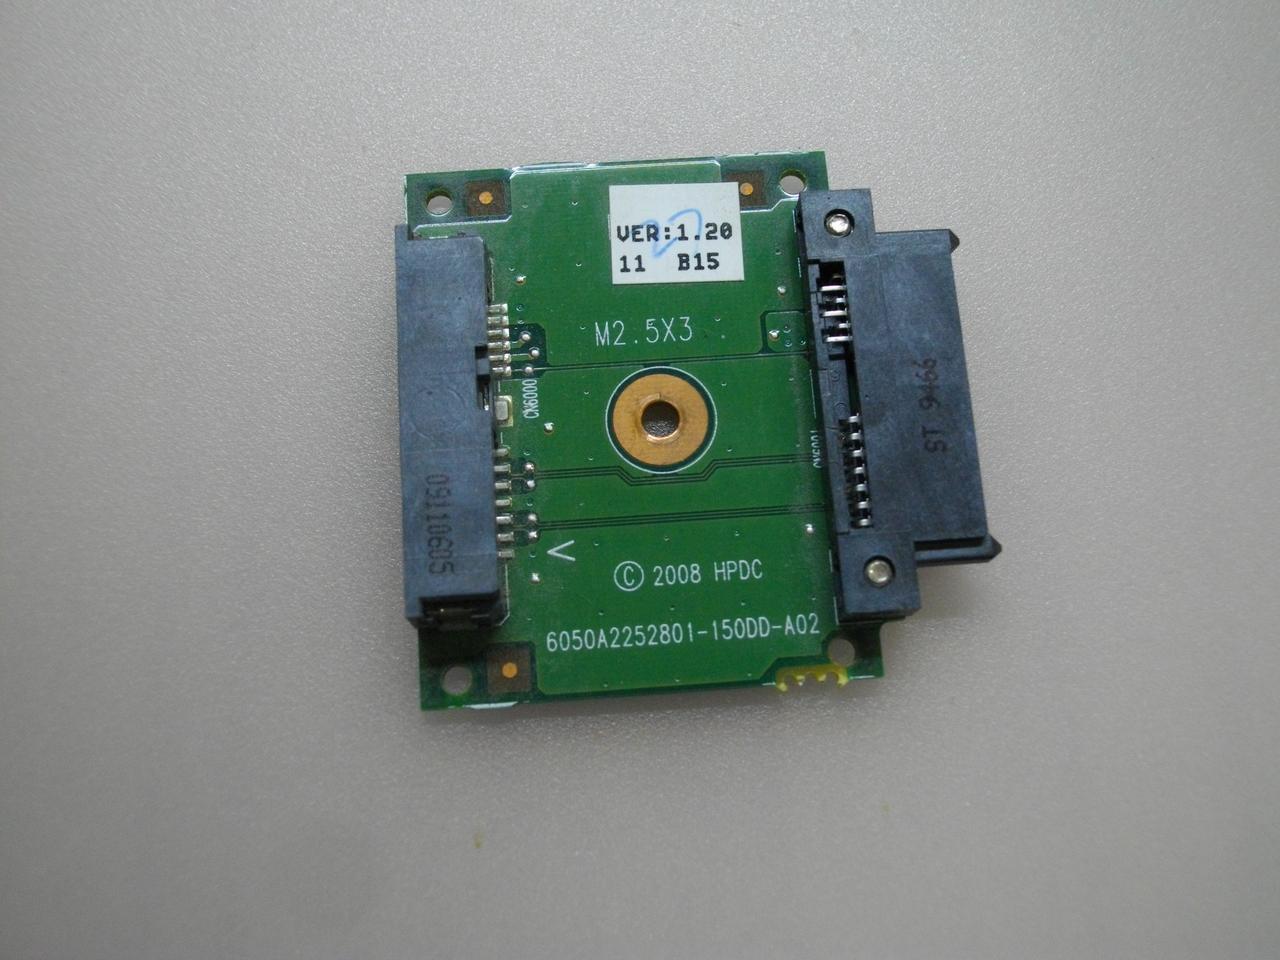 Плата переходник SATA для оптического привода HP Probook 4515s